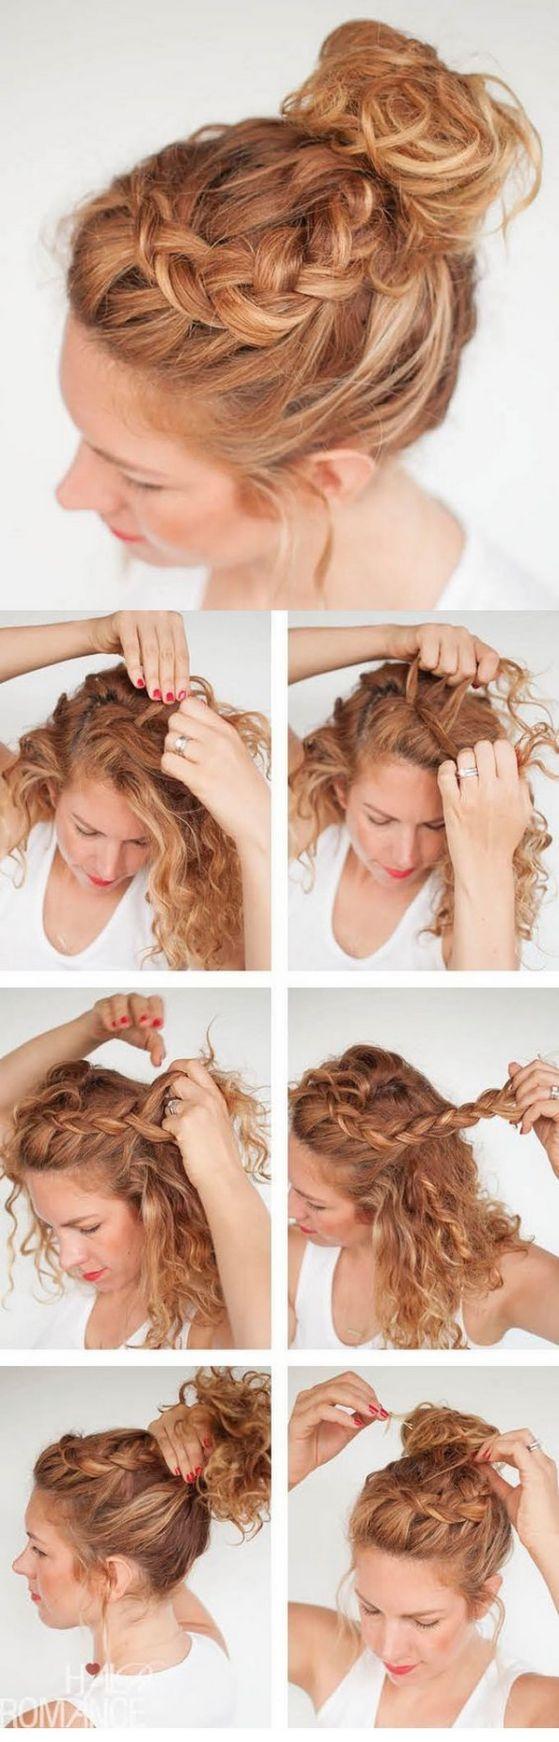 peinados fáciles para cabello rizado